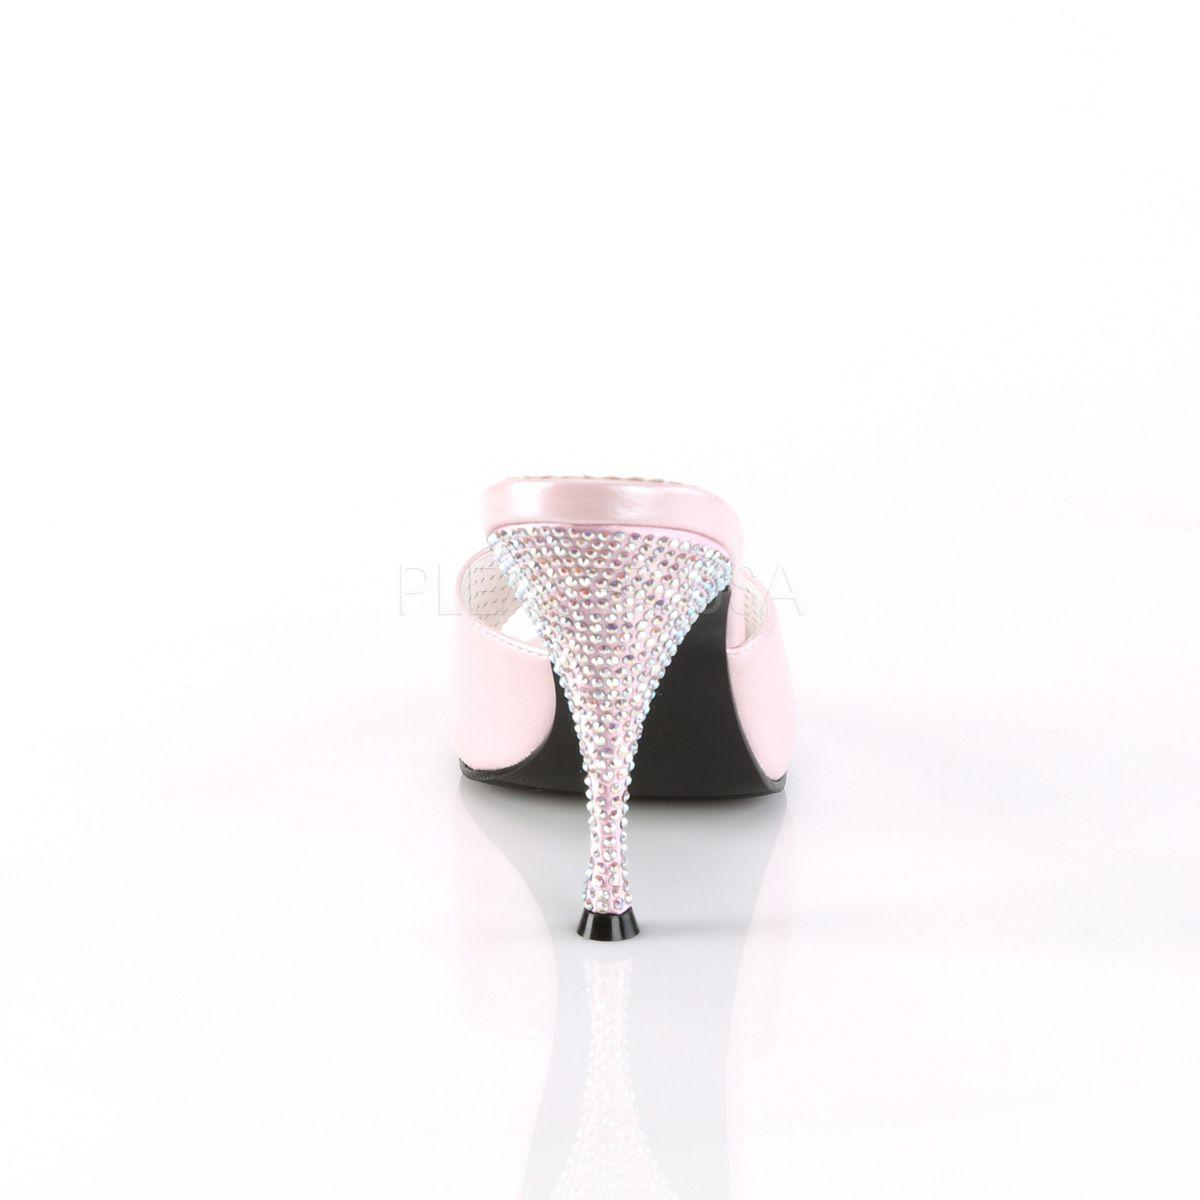 Zuecos colección Pin Up de polipiel con tacón cubierto pedrería brillante